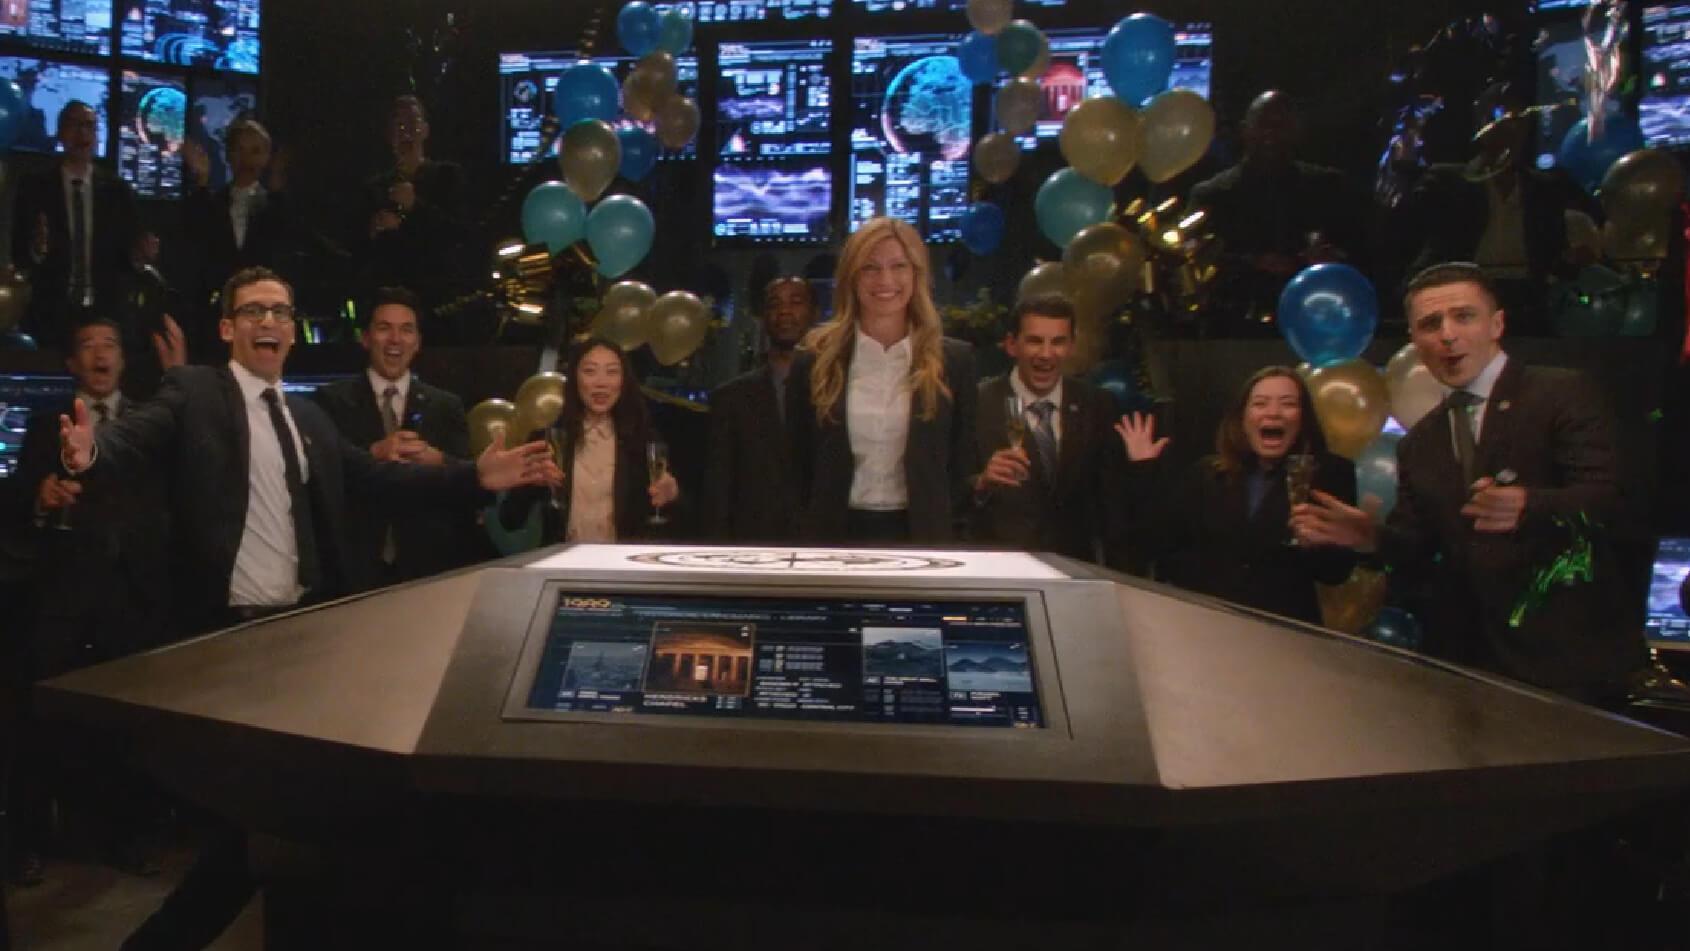 Legends of Tomorrow season four premiere - Surprise!